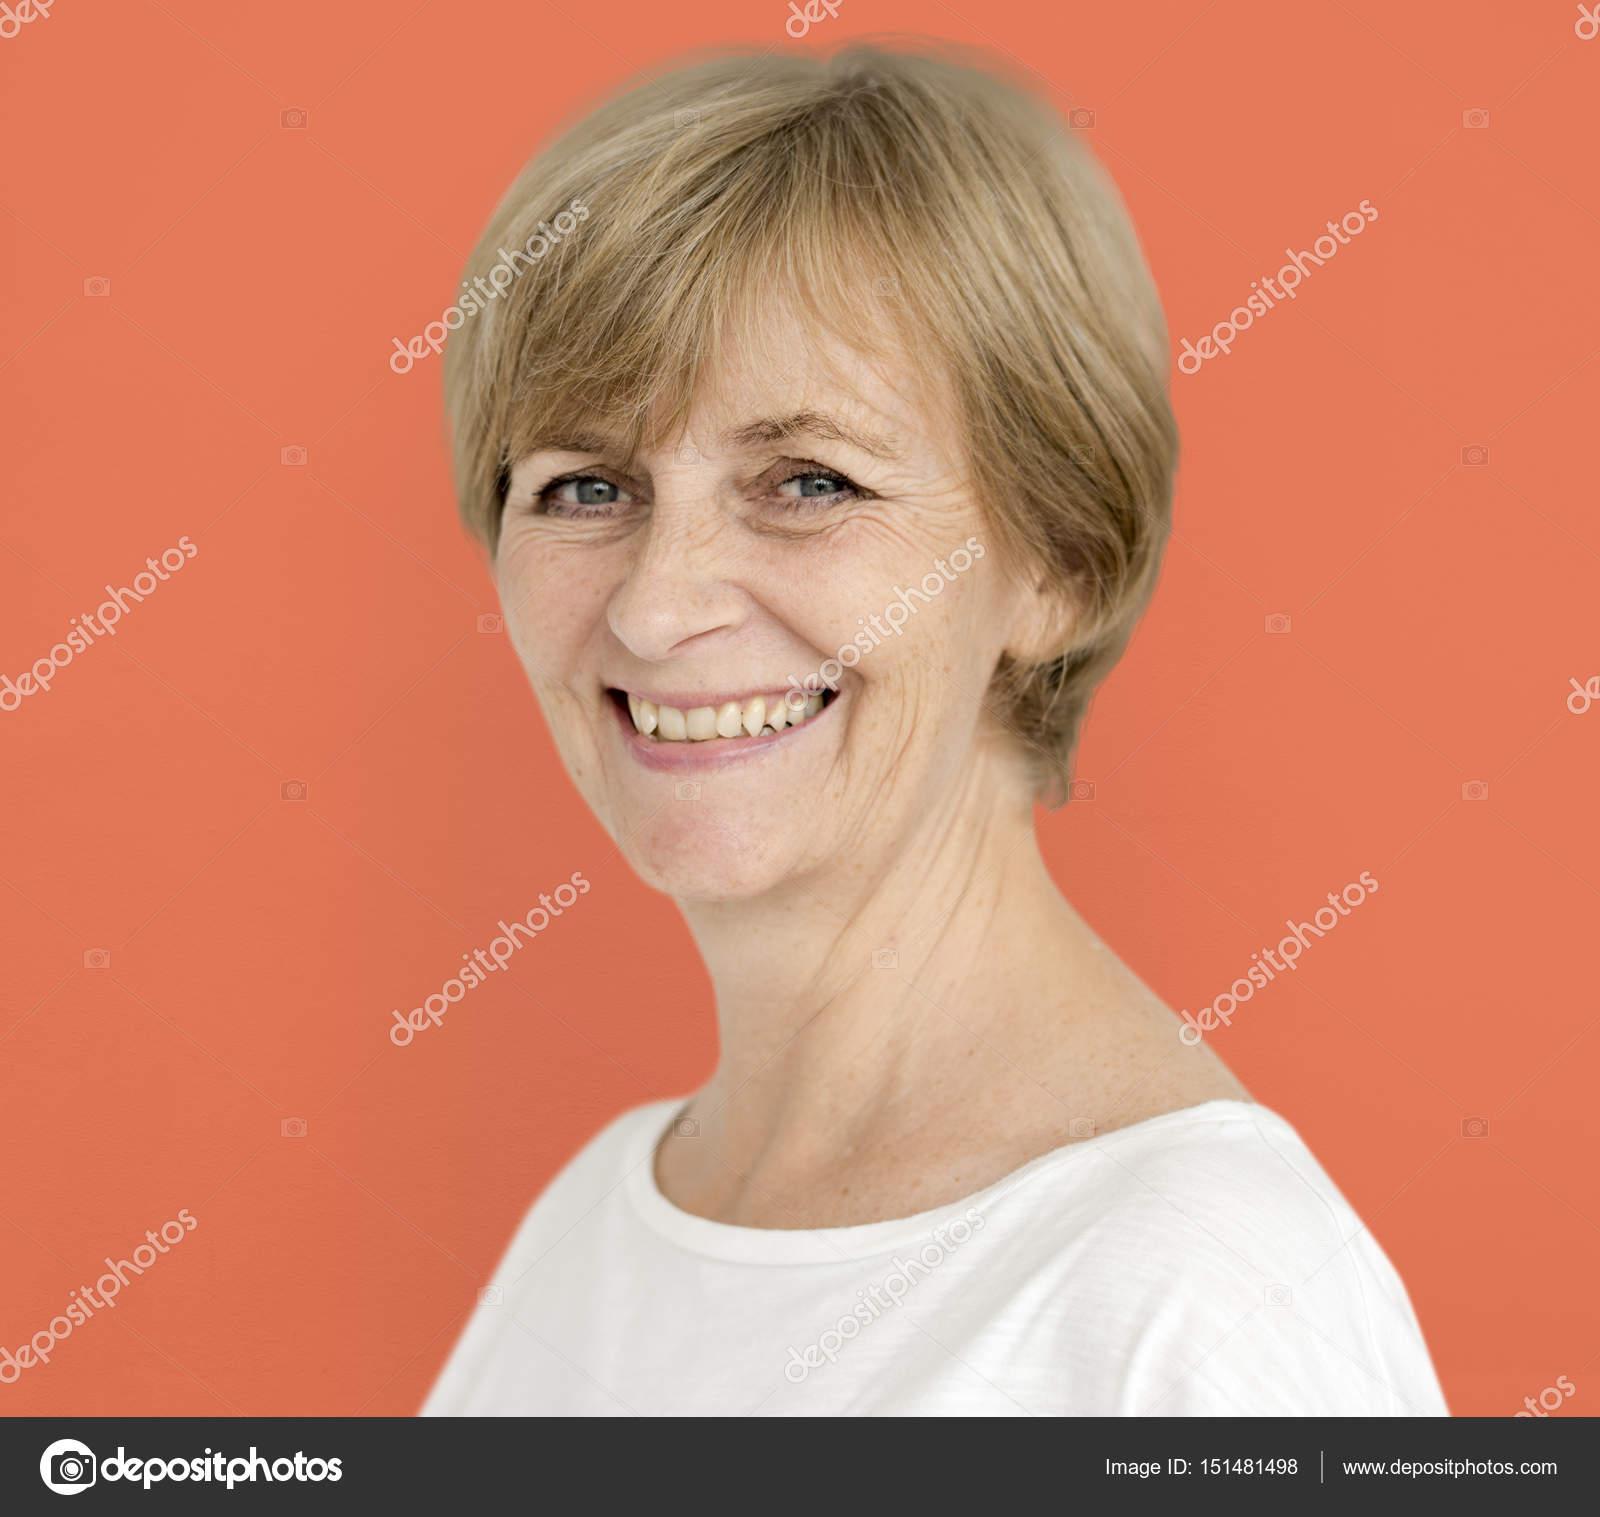 Смотреть картинки для взрослых зрелые женщины #6